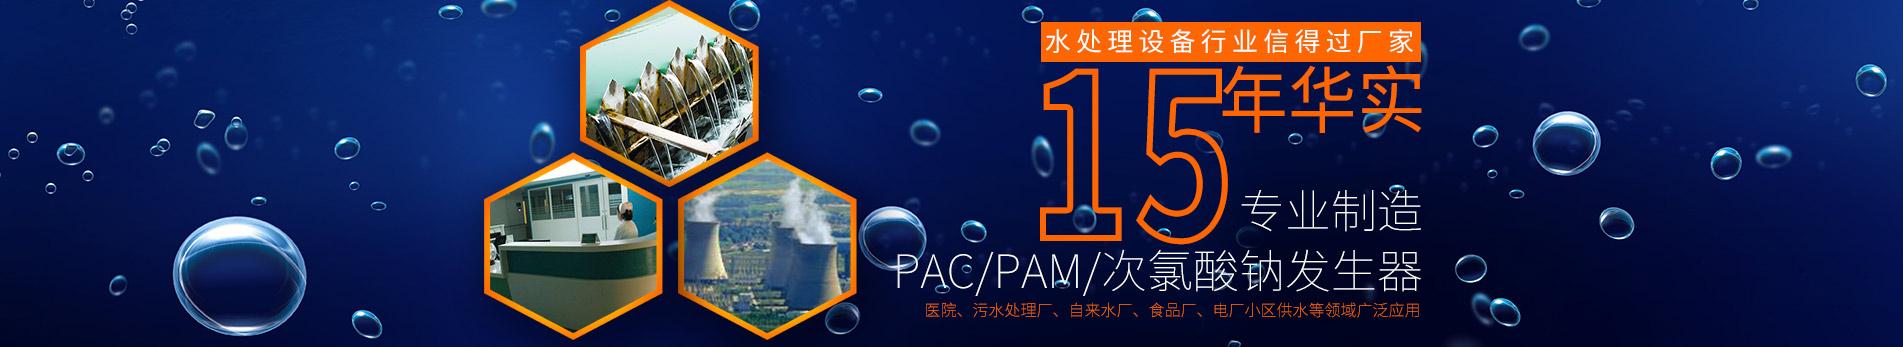 PAC/PAM/次氯酸钠发生器,医院、污水处理厂、自来水厂、食品厂、电厂小区供水等领域广泛应用